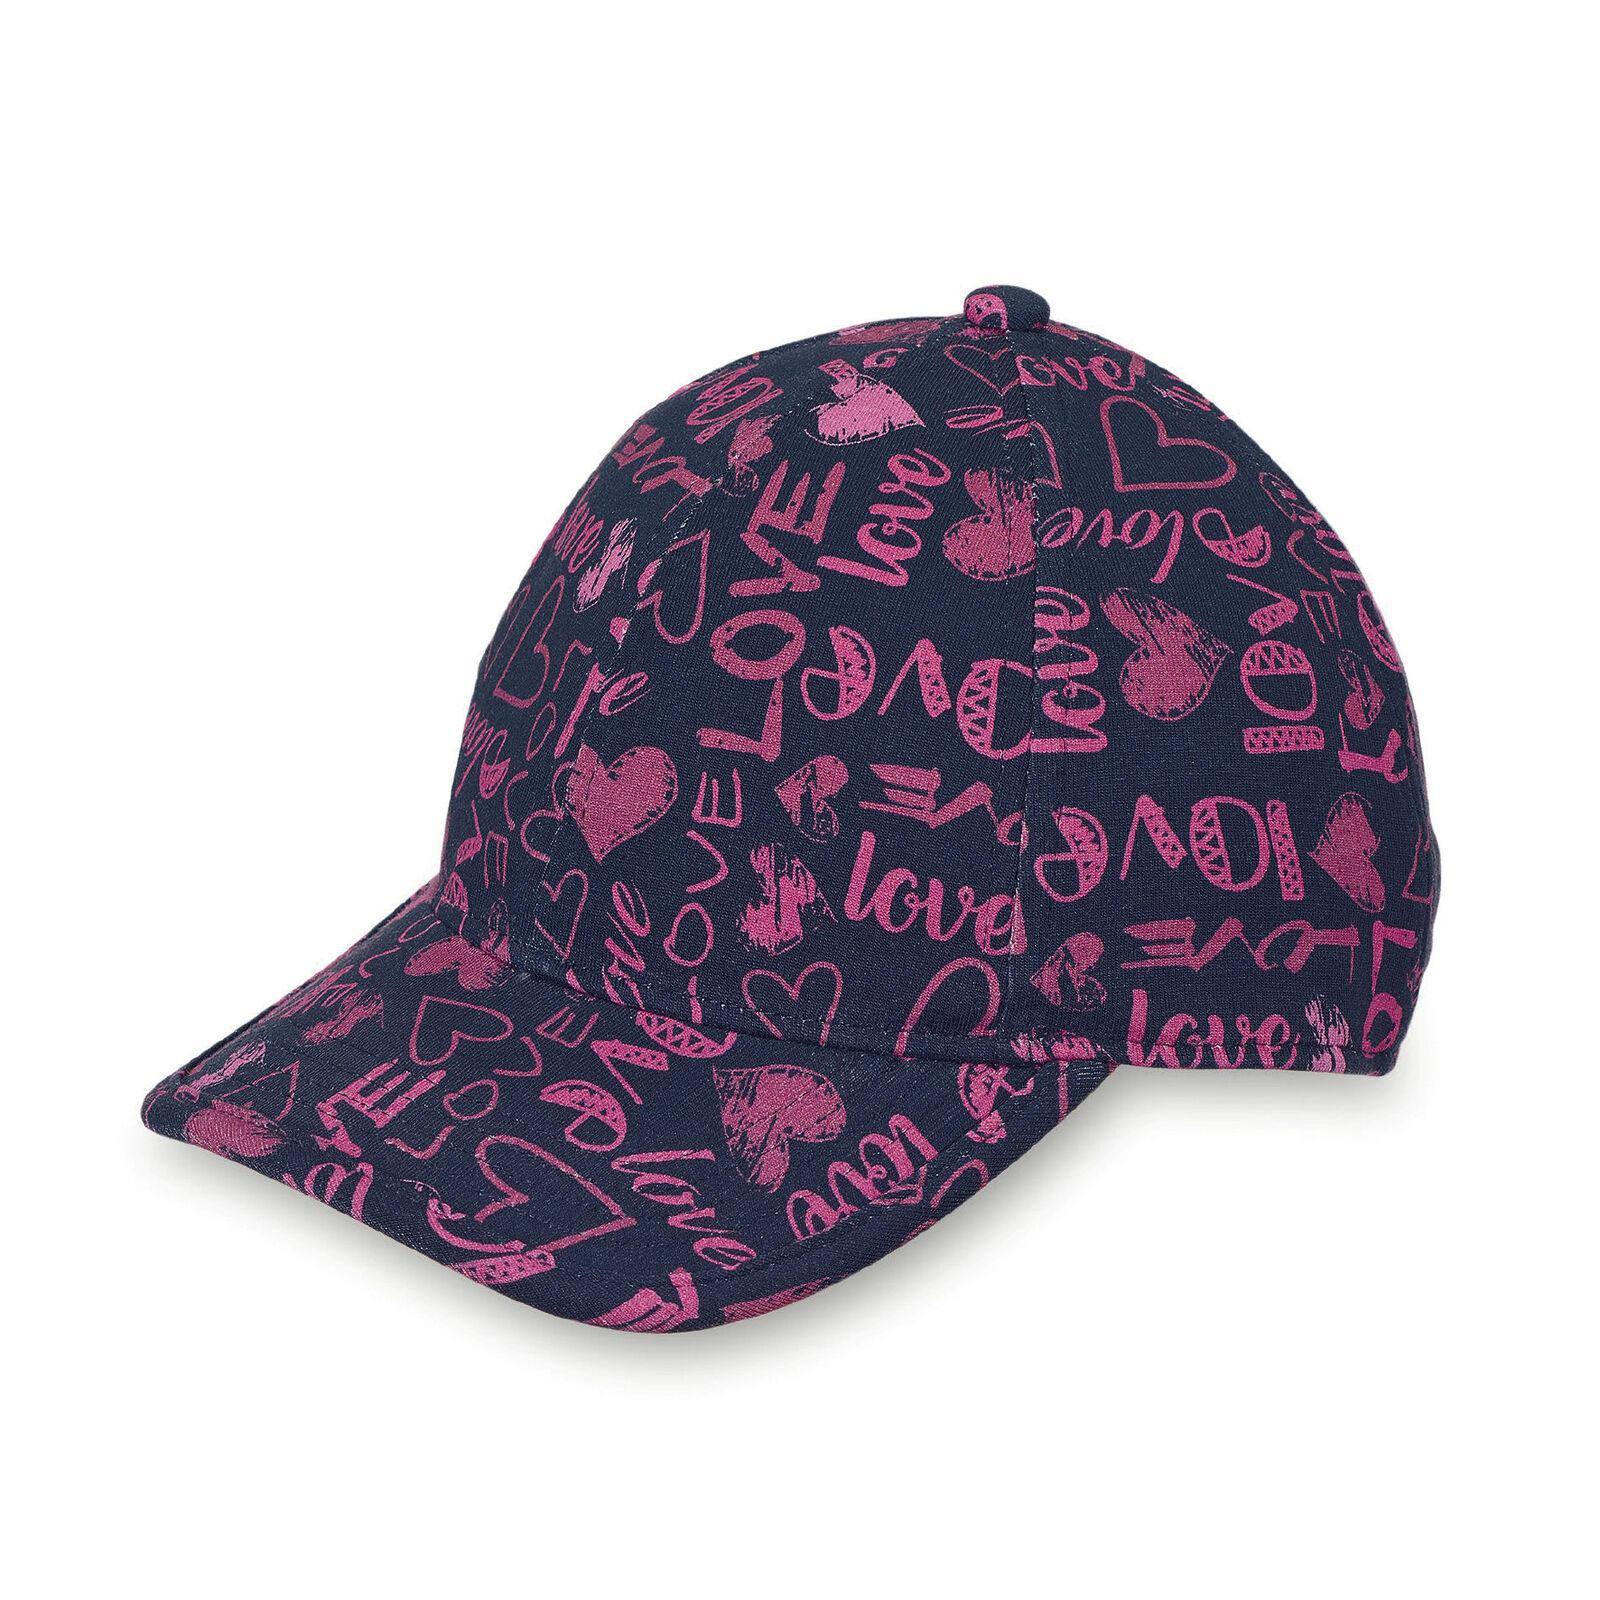 Sterntaler Mädchen Baseballcap Gr.53-55 marine Basecap UV 30+ Hut neu!